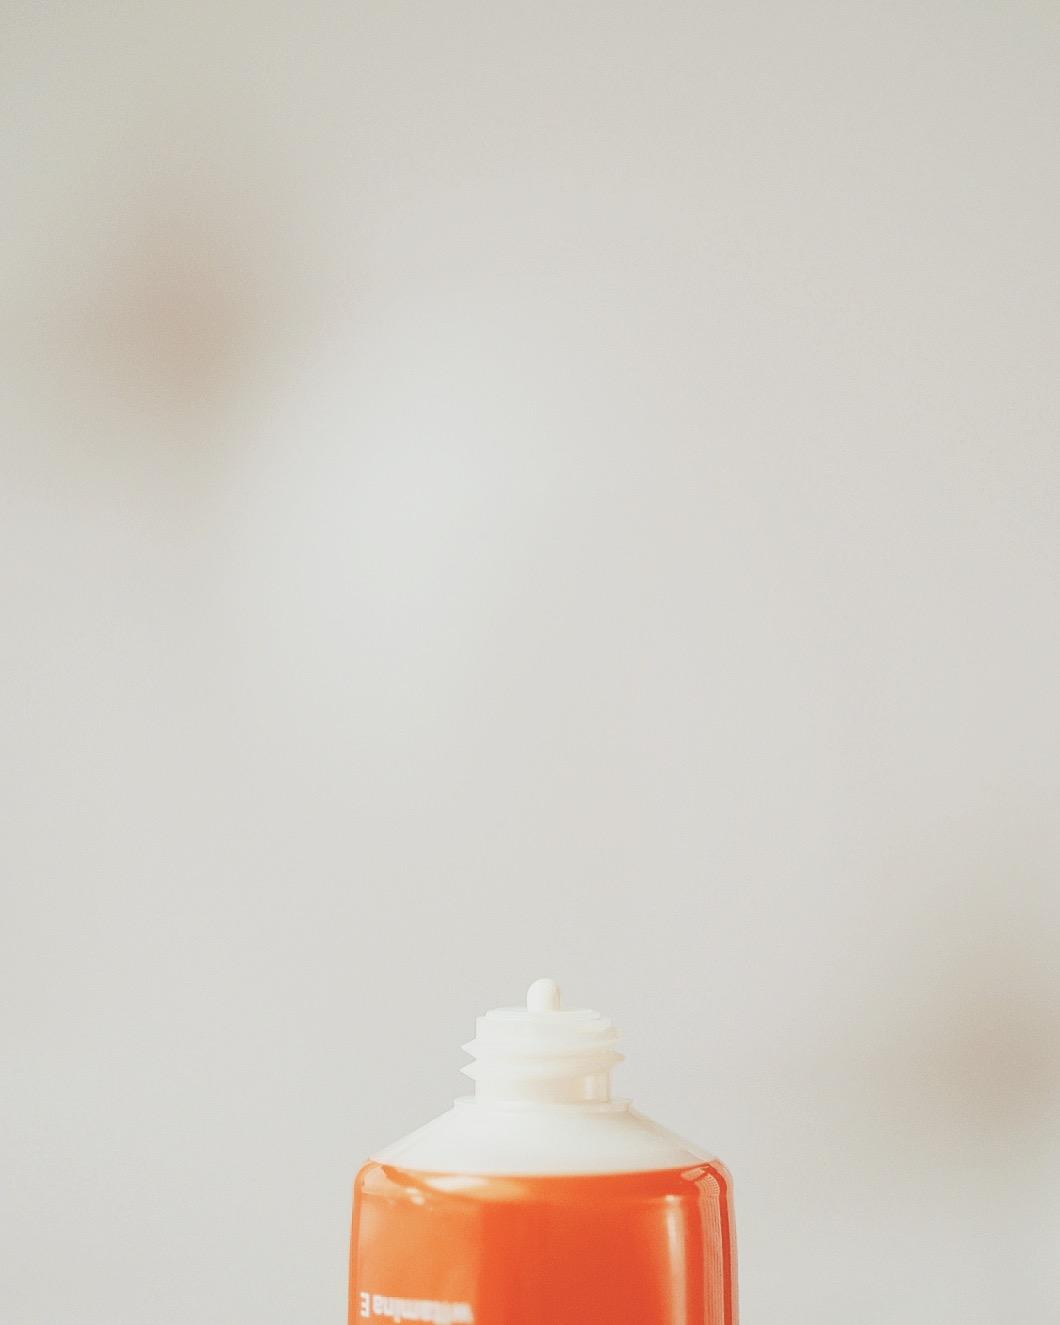 LIRENE DERMOPROGRAM HYDROLIPIDOWY OCHRONNY KREM DO TWARZY IR SPF 50+ lekki krem z filtrem, który nie zatyka porów krem z filtrem dla trądzikowej skóry krem z filtrem co nie bieli (1)